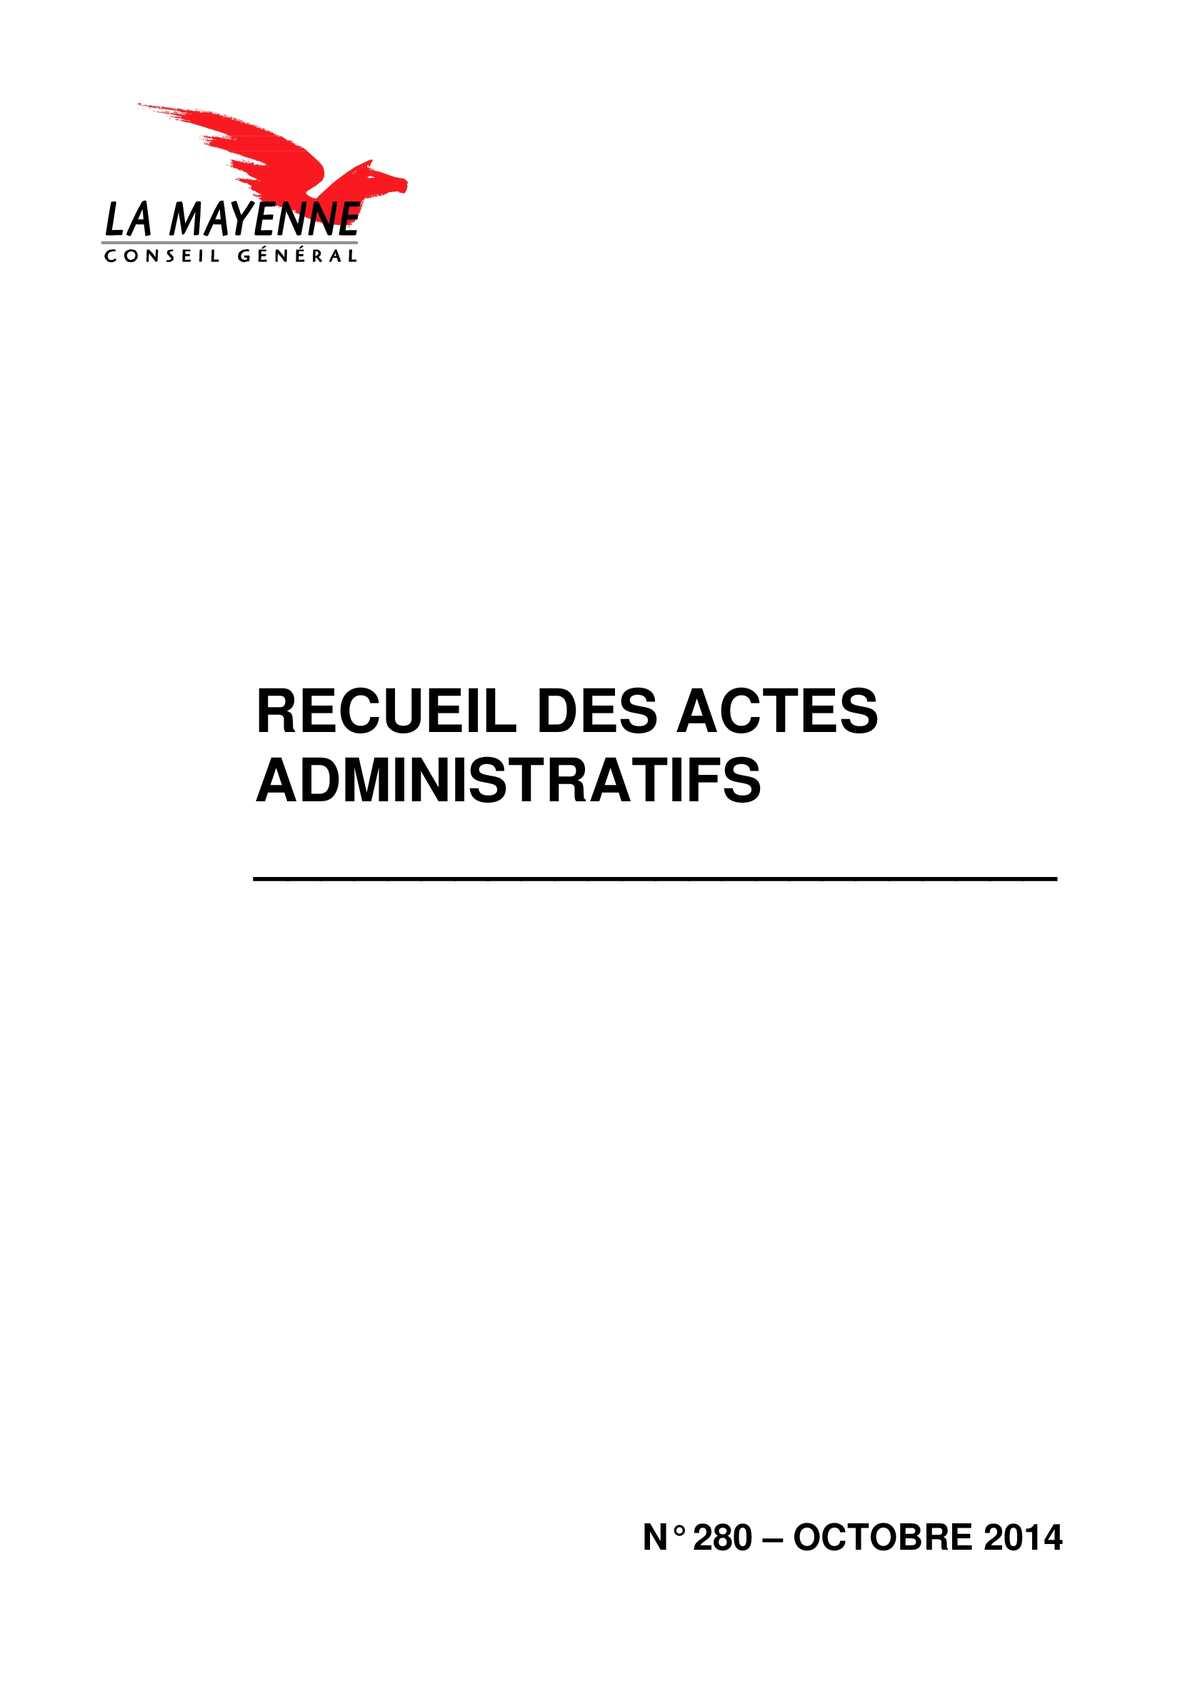 Calaméo - Recueil des actes administratifs - octobre 2014 e9210382f603